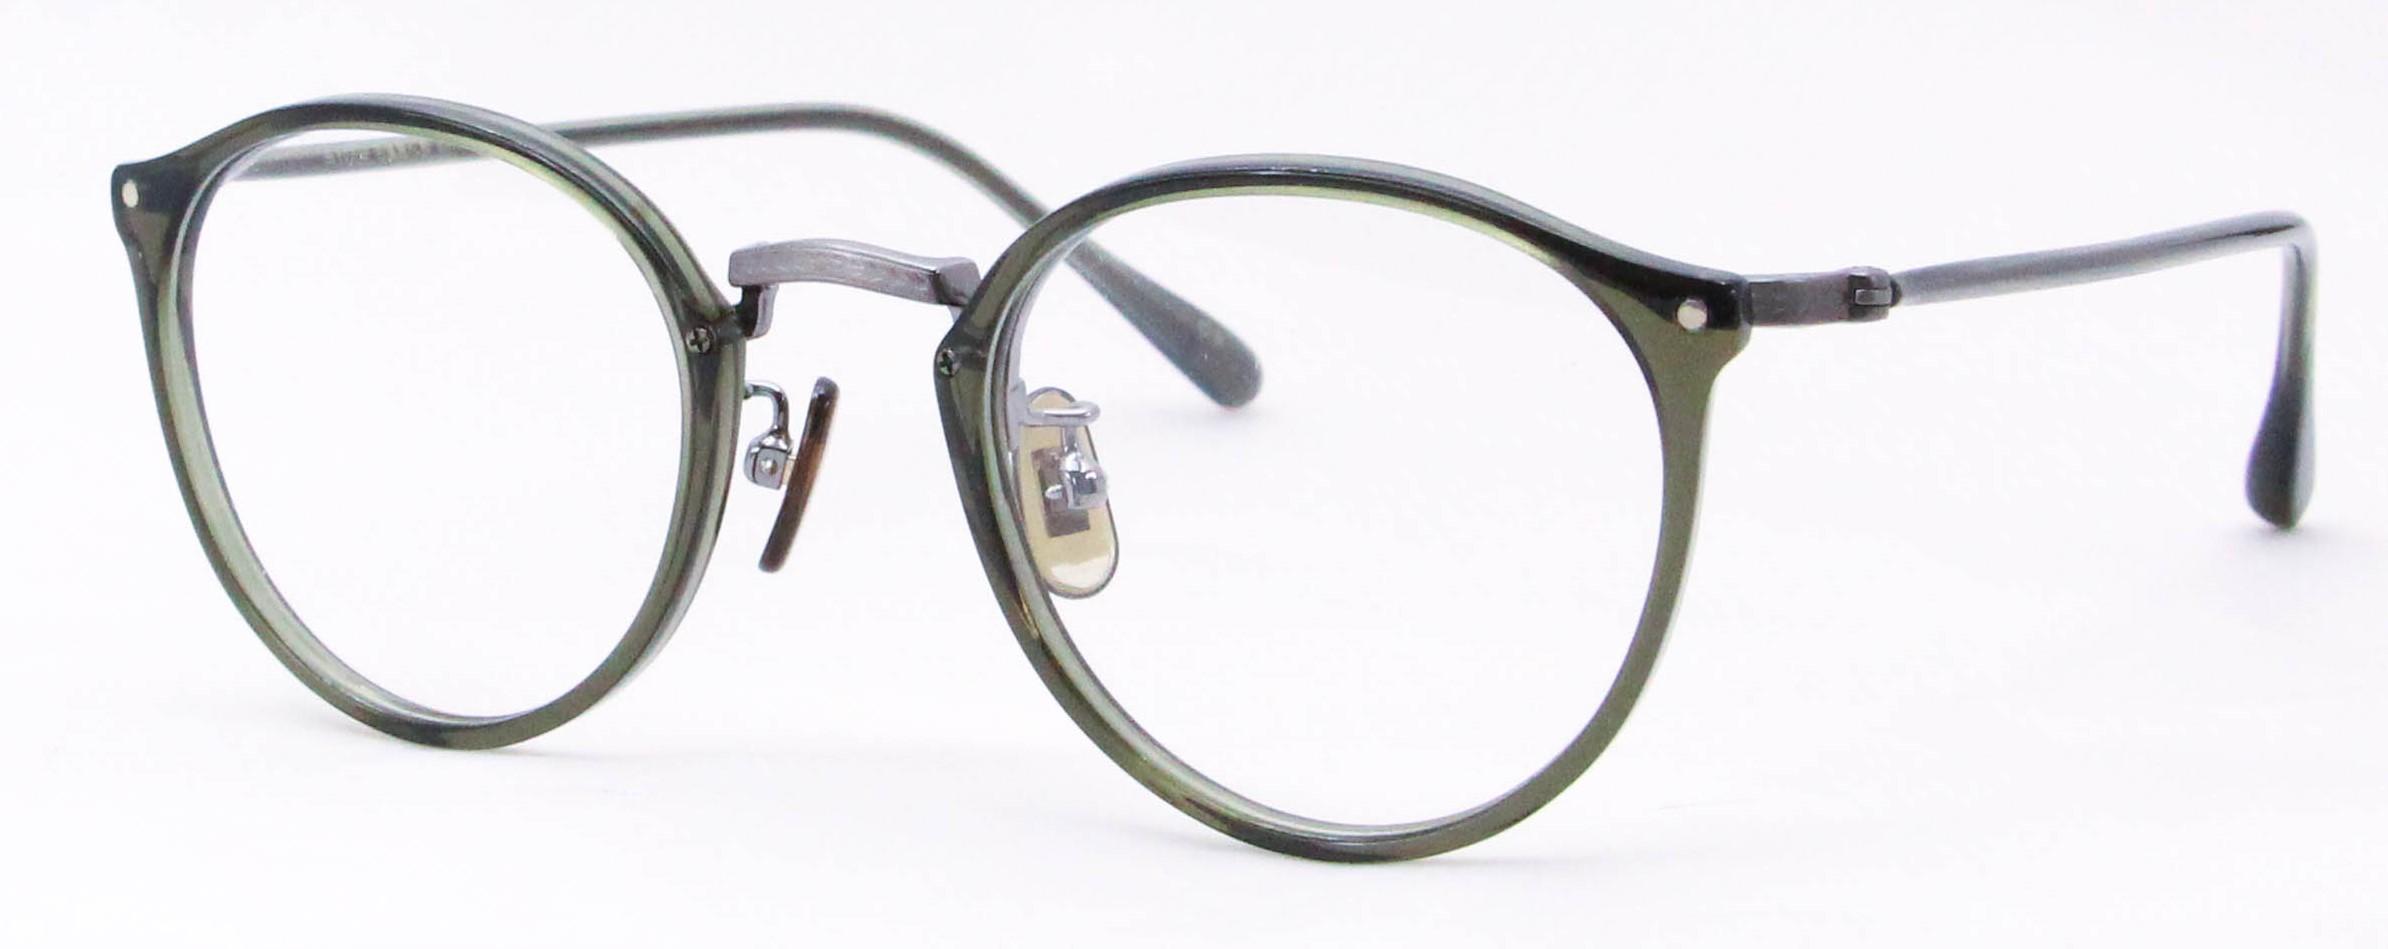 眼鏡のカラータイプC-5 Green/Gray サンプラチナ飾り